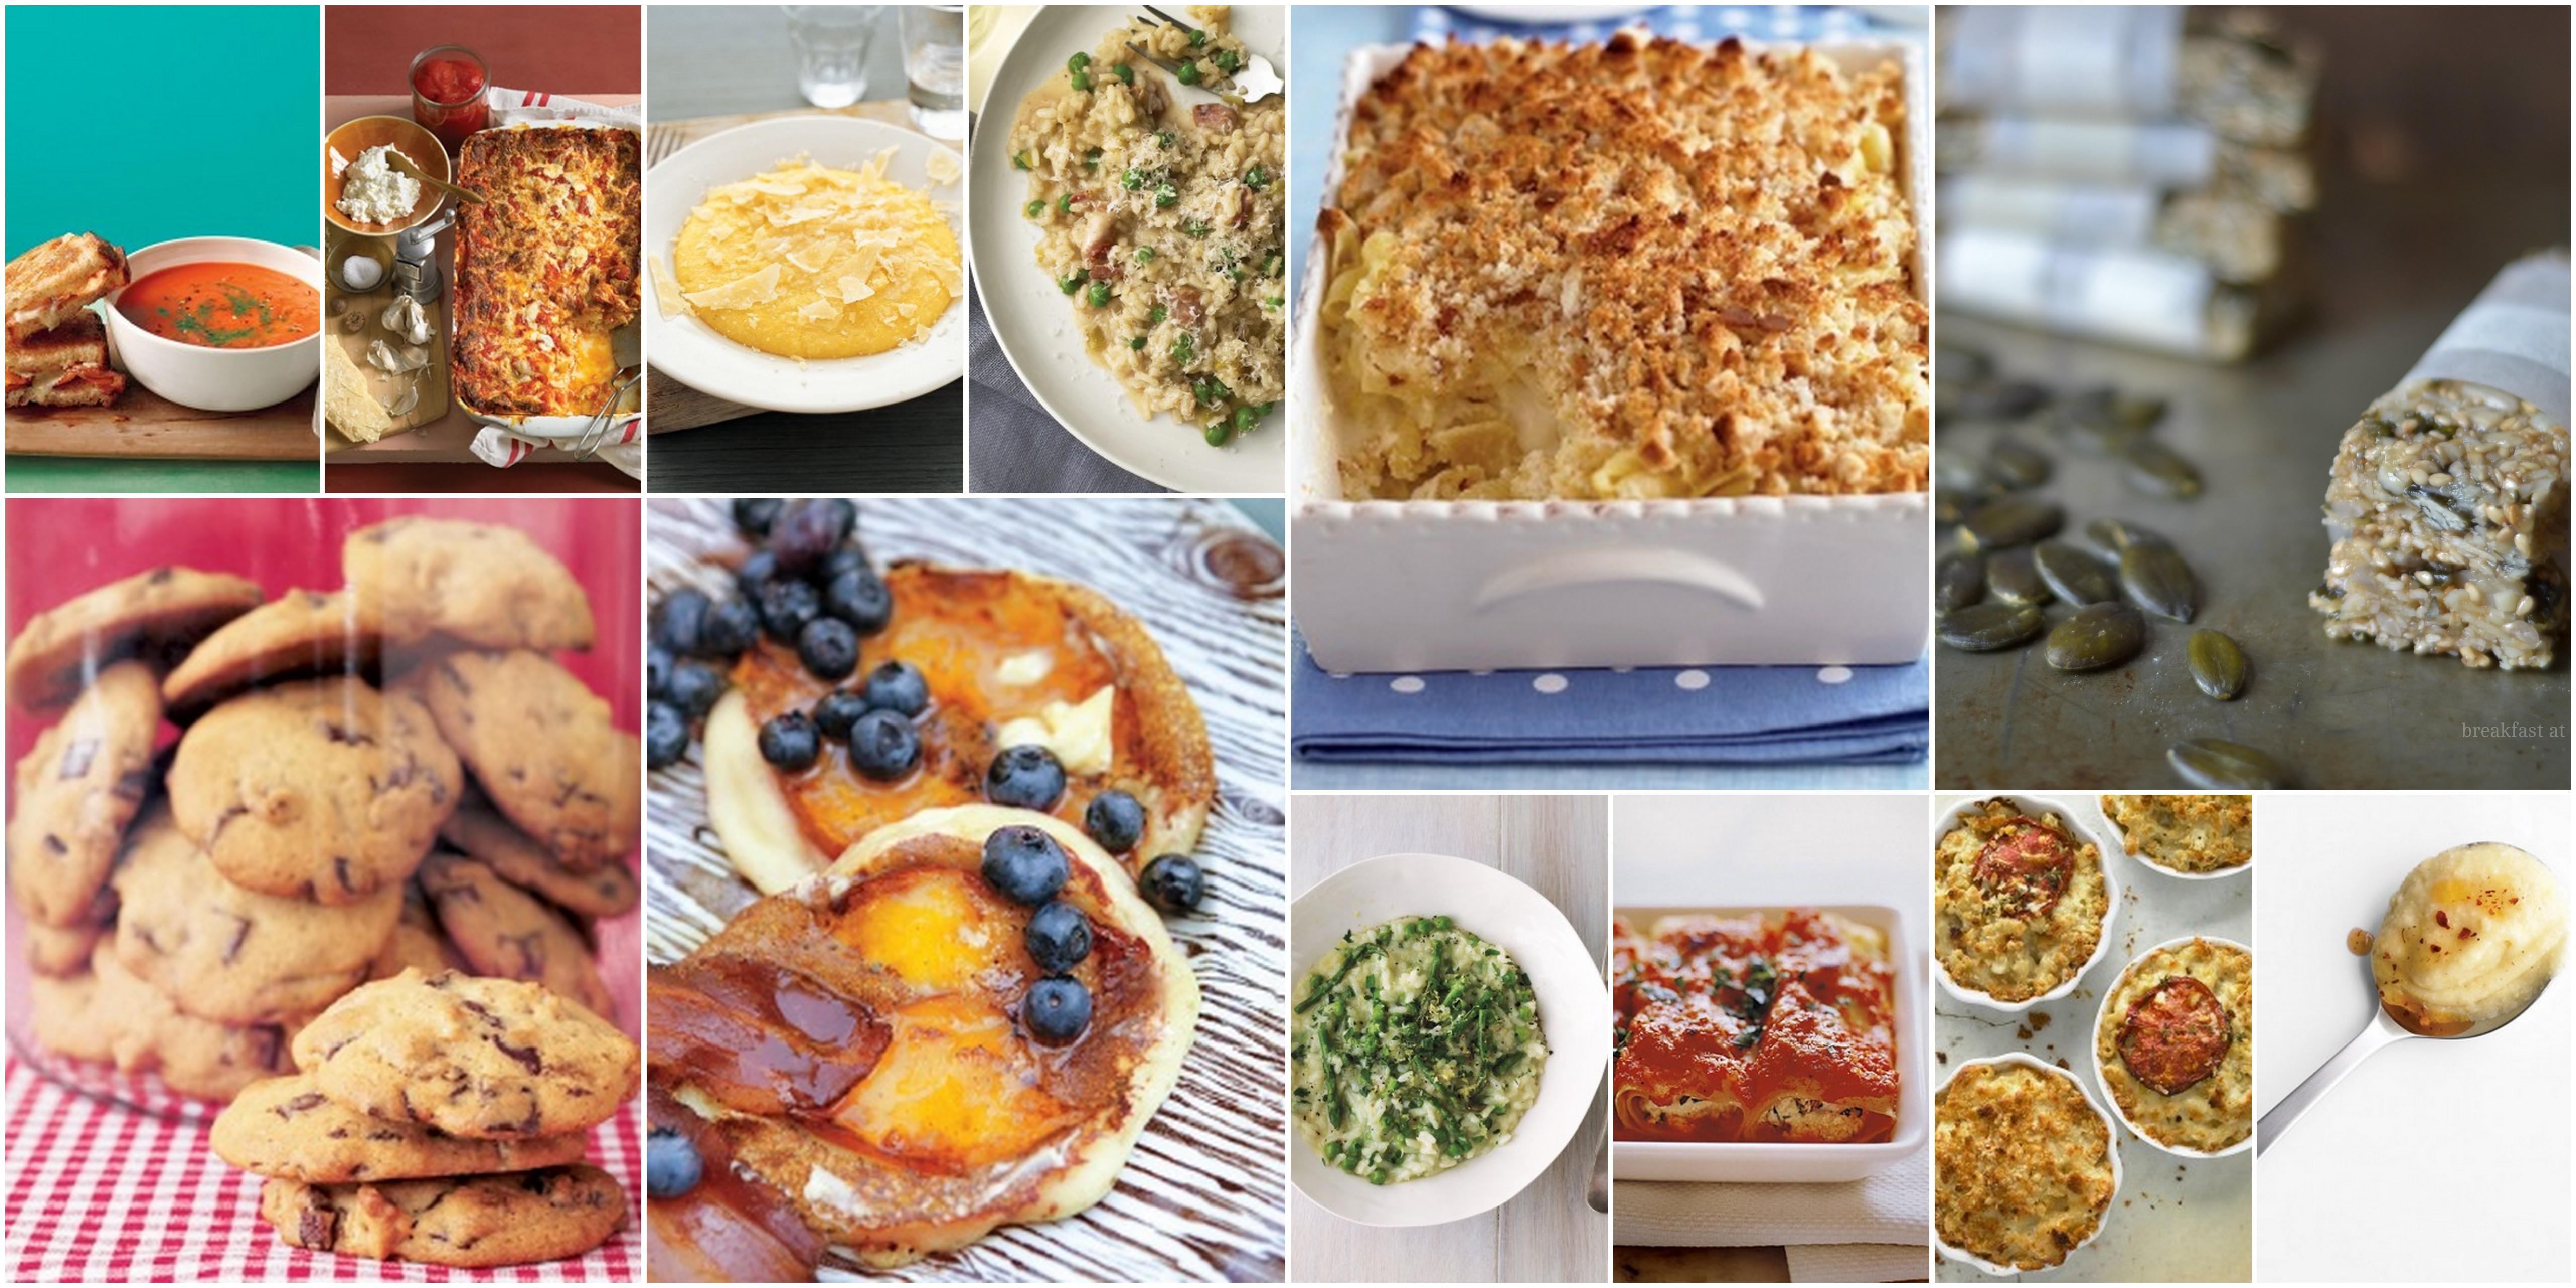 50 ricette per bambini: sane e semplici - BabyGreen